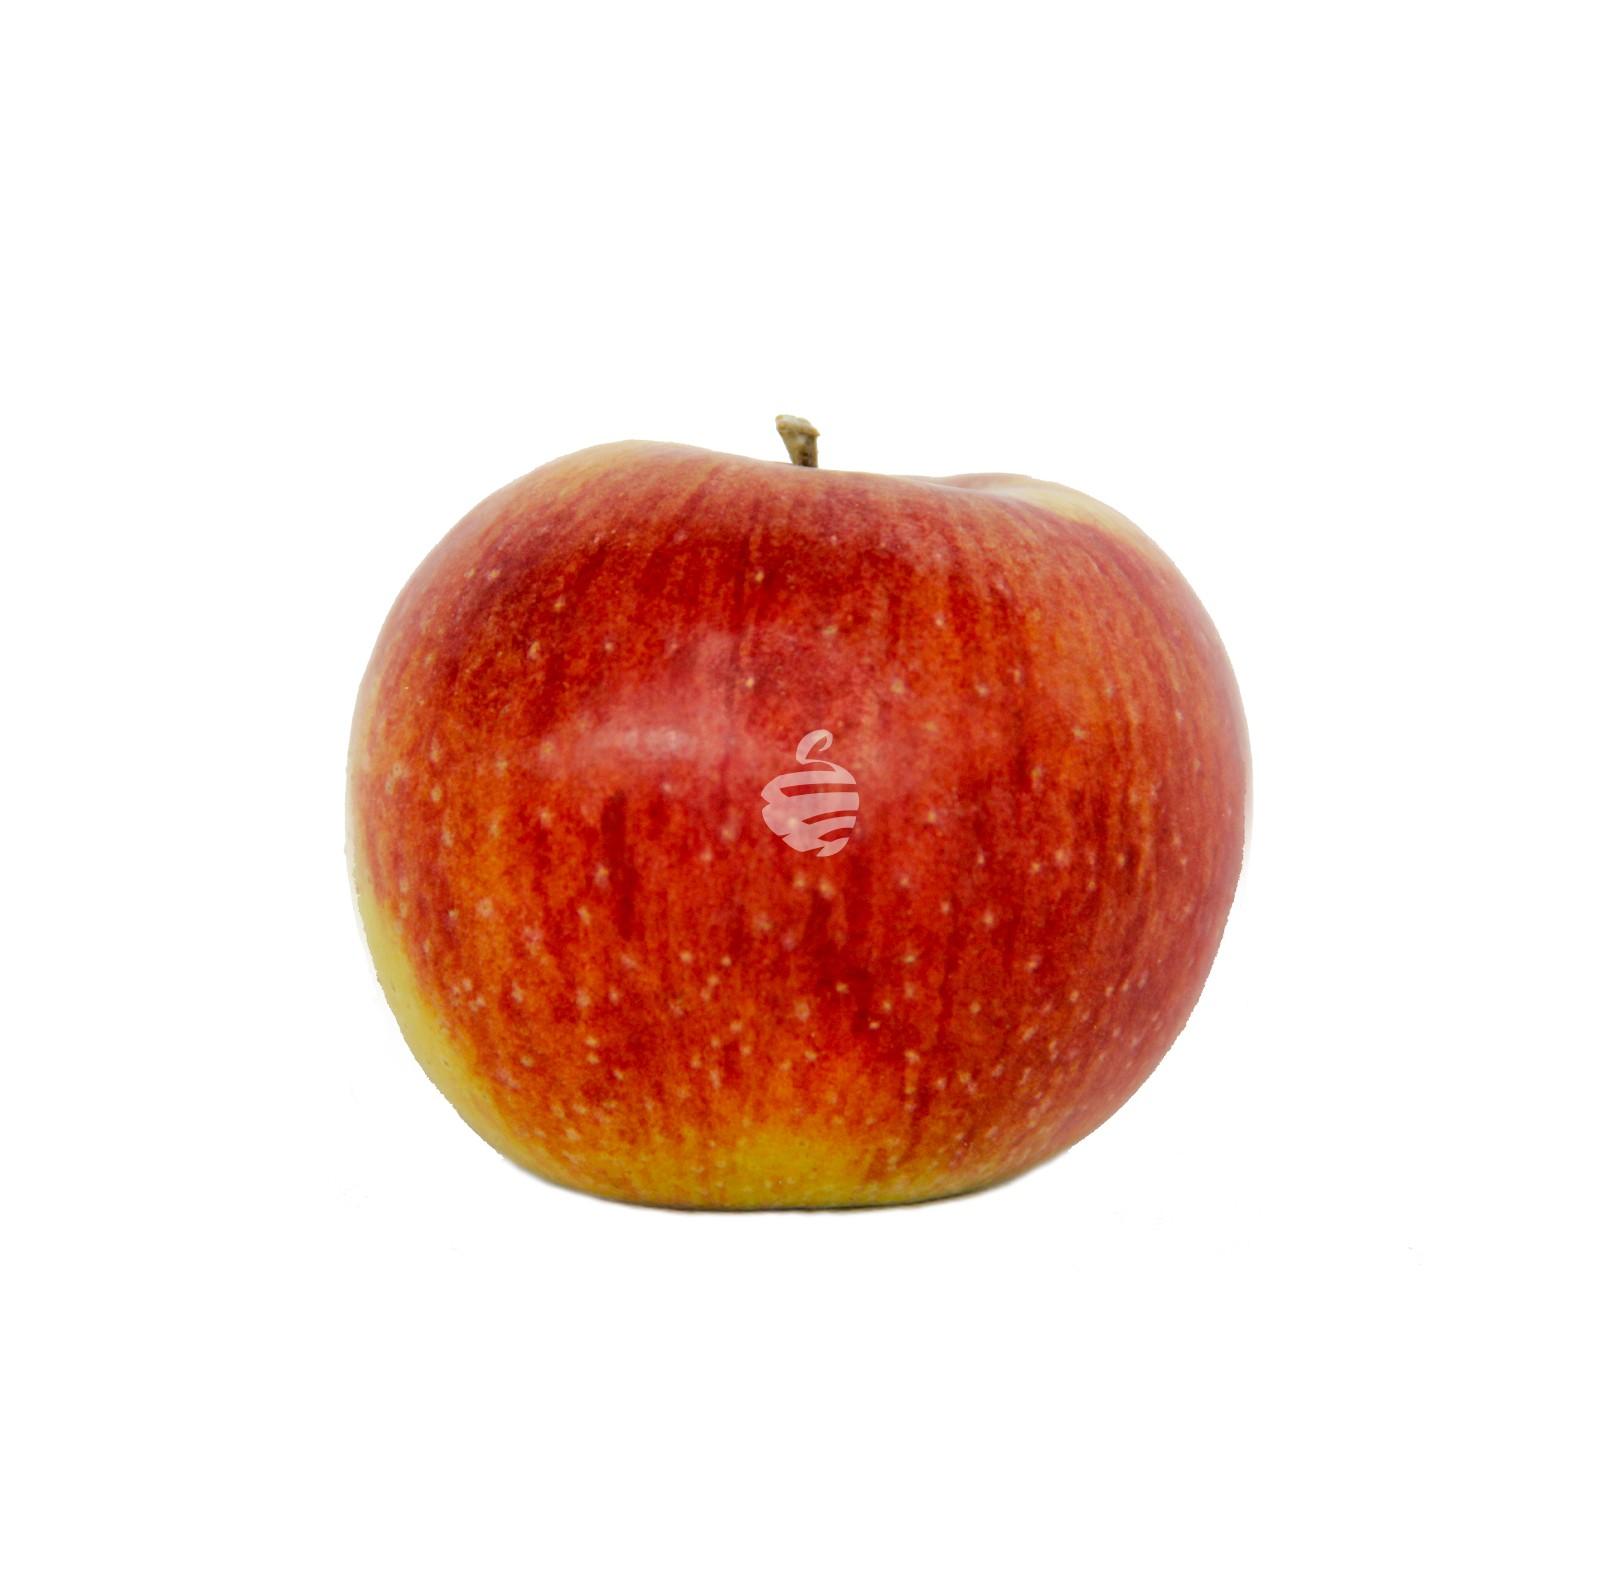 Խնձոր դեմիրճյան